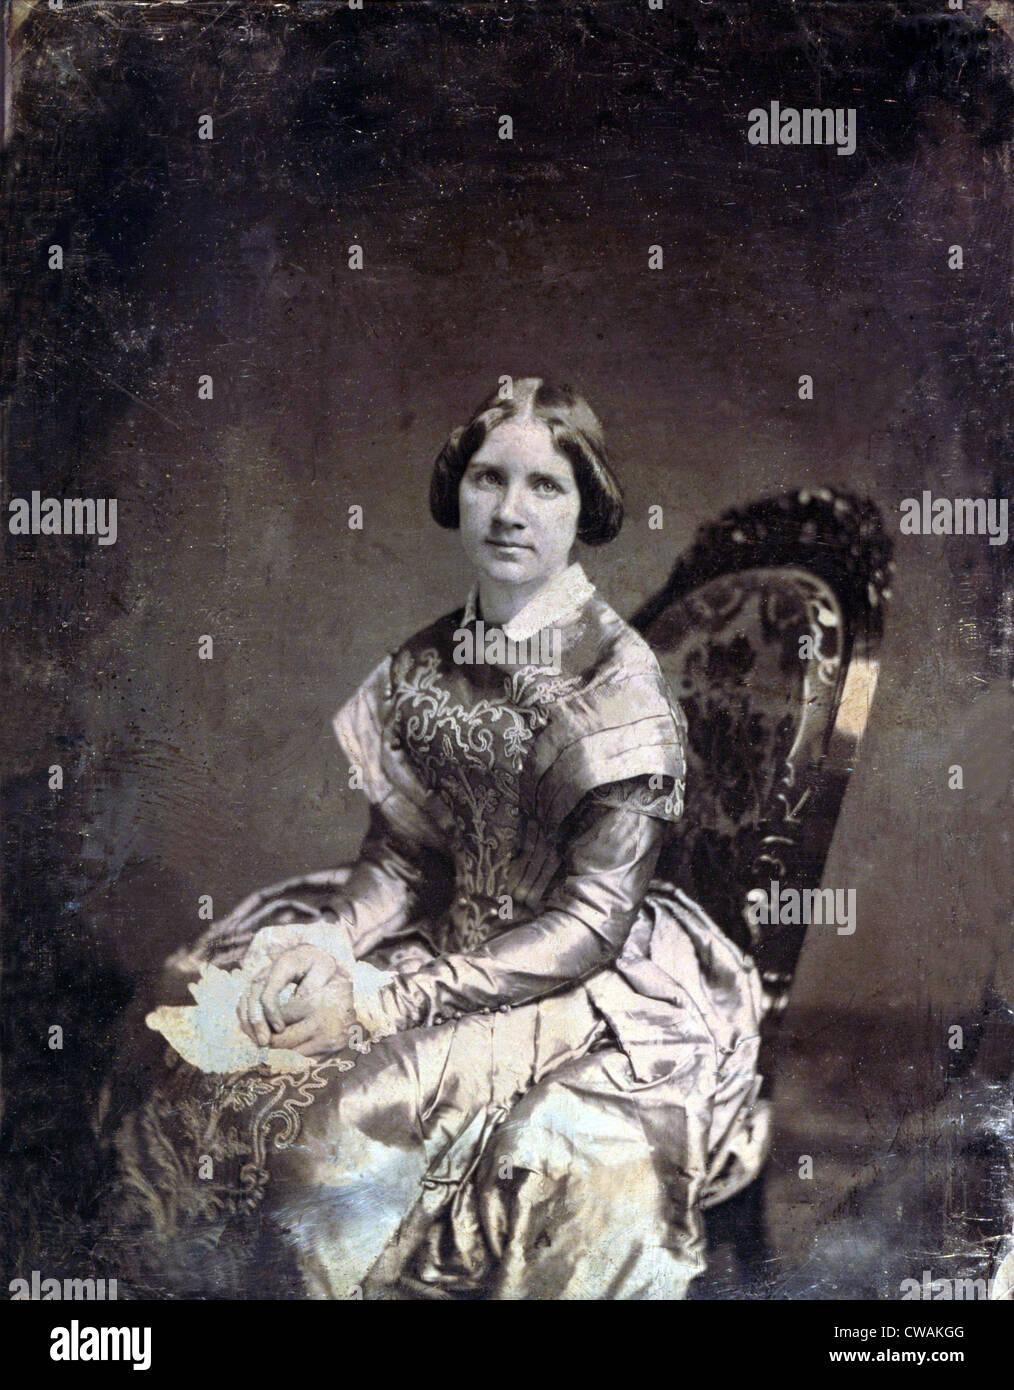 Jenny Lind Stock Photos & Jenny Lind Stock Images - Alamy